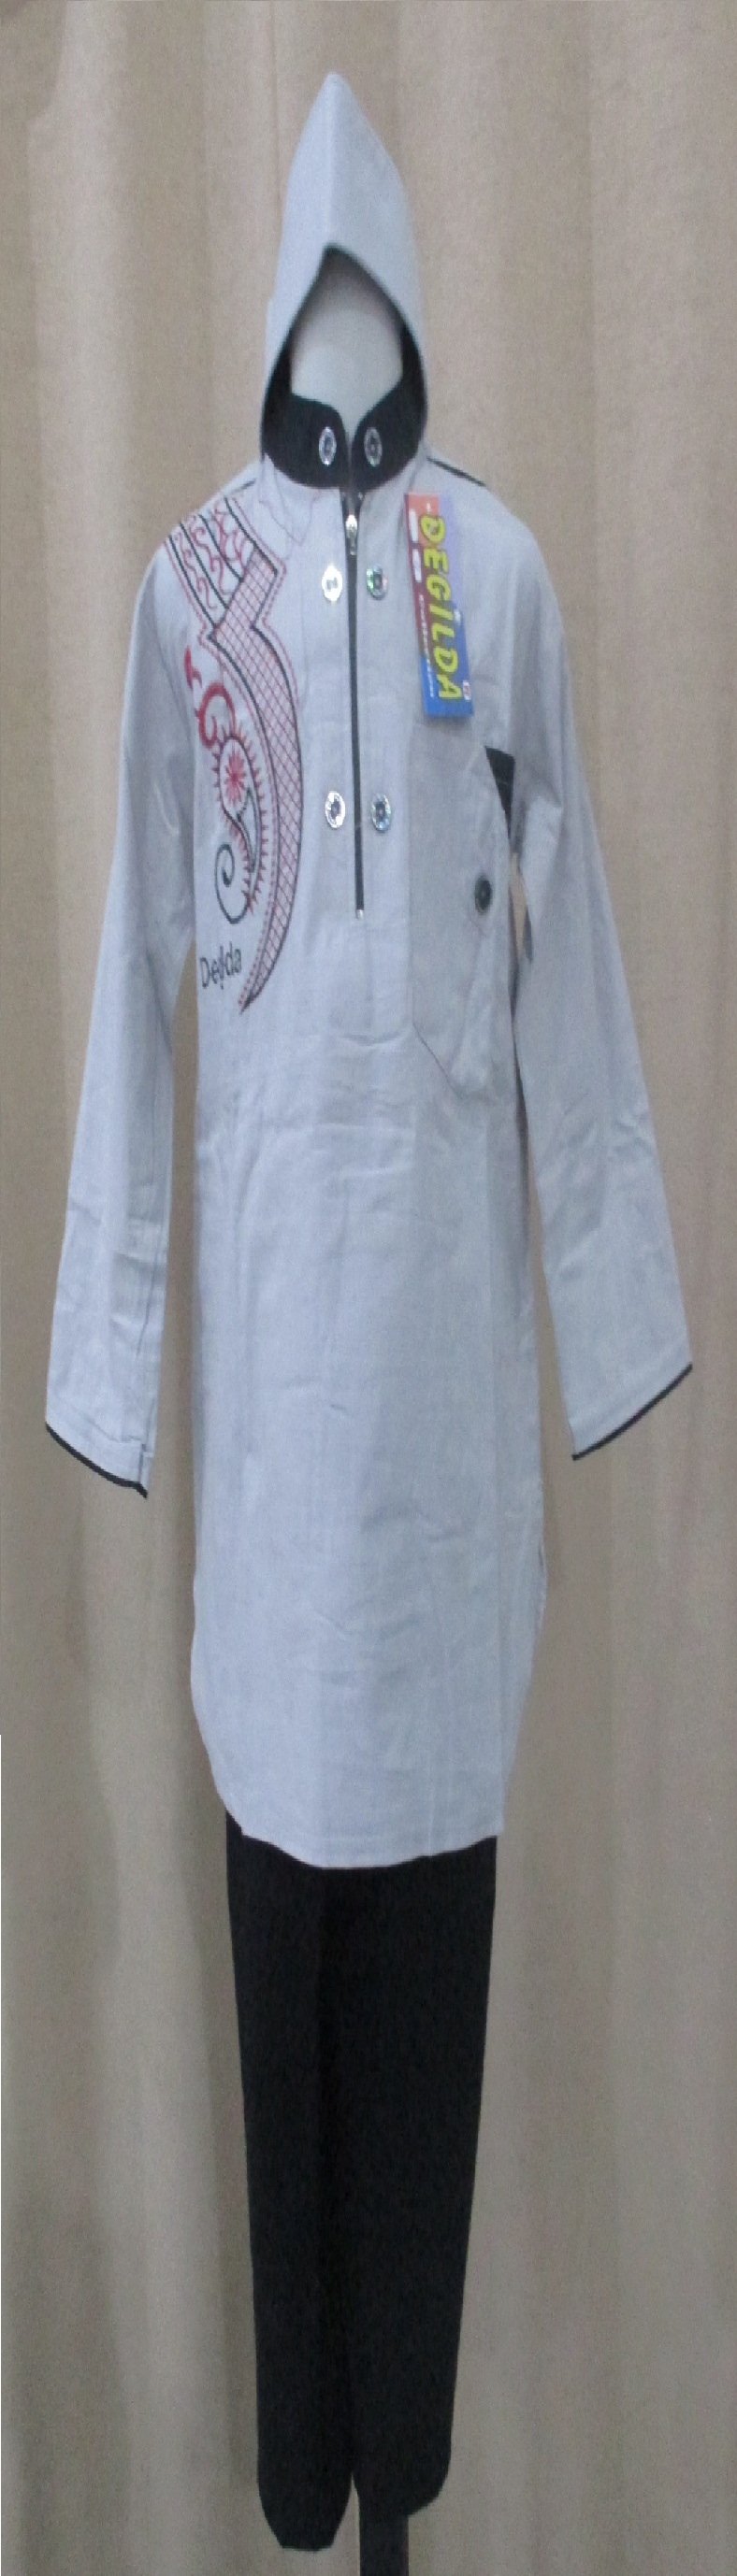 Baju Koko Dagilda Murah